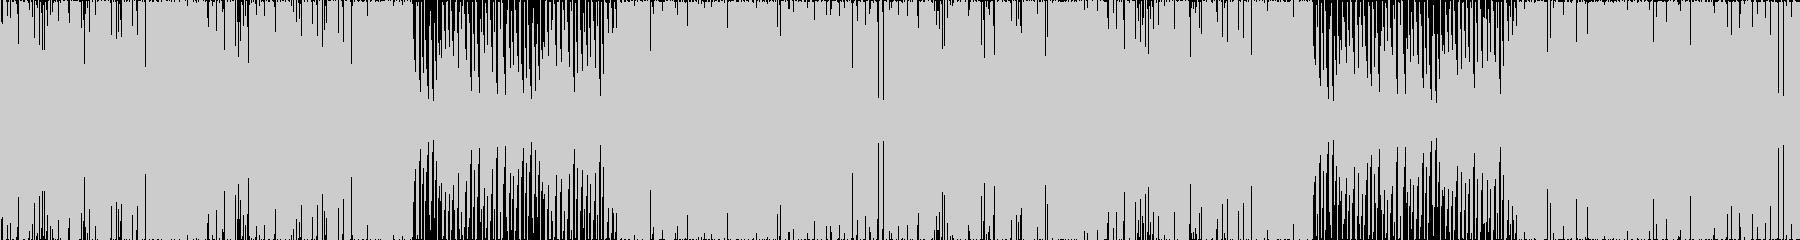 8bit:悪魔城ドラキュラ風【ループ】の未再生の波形